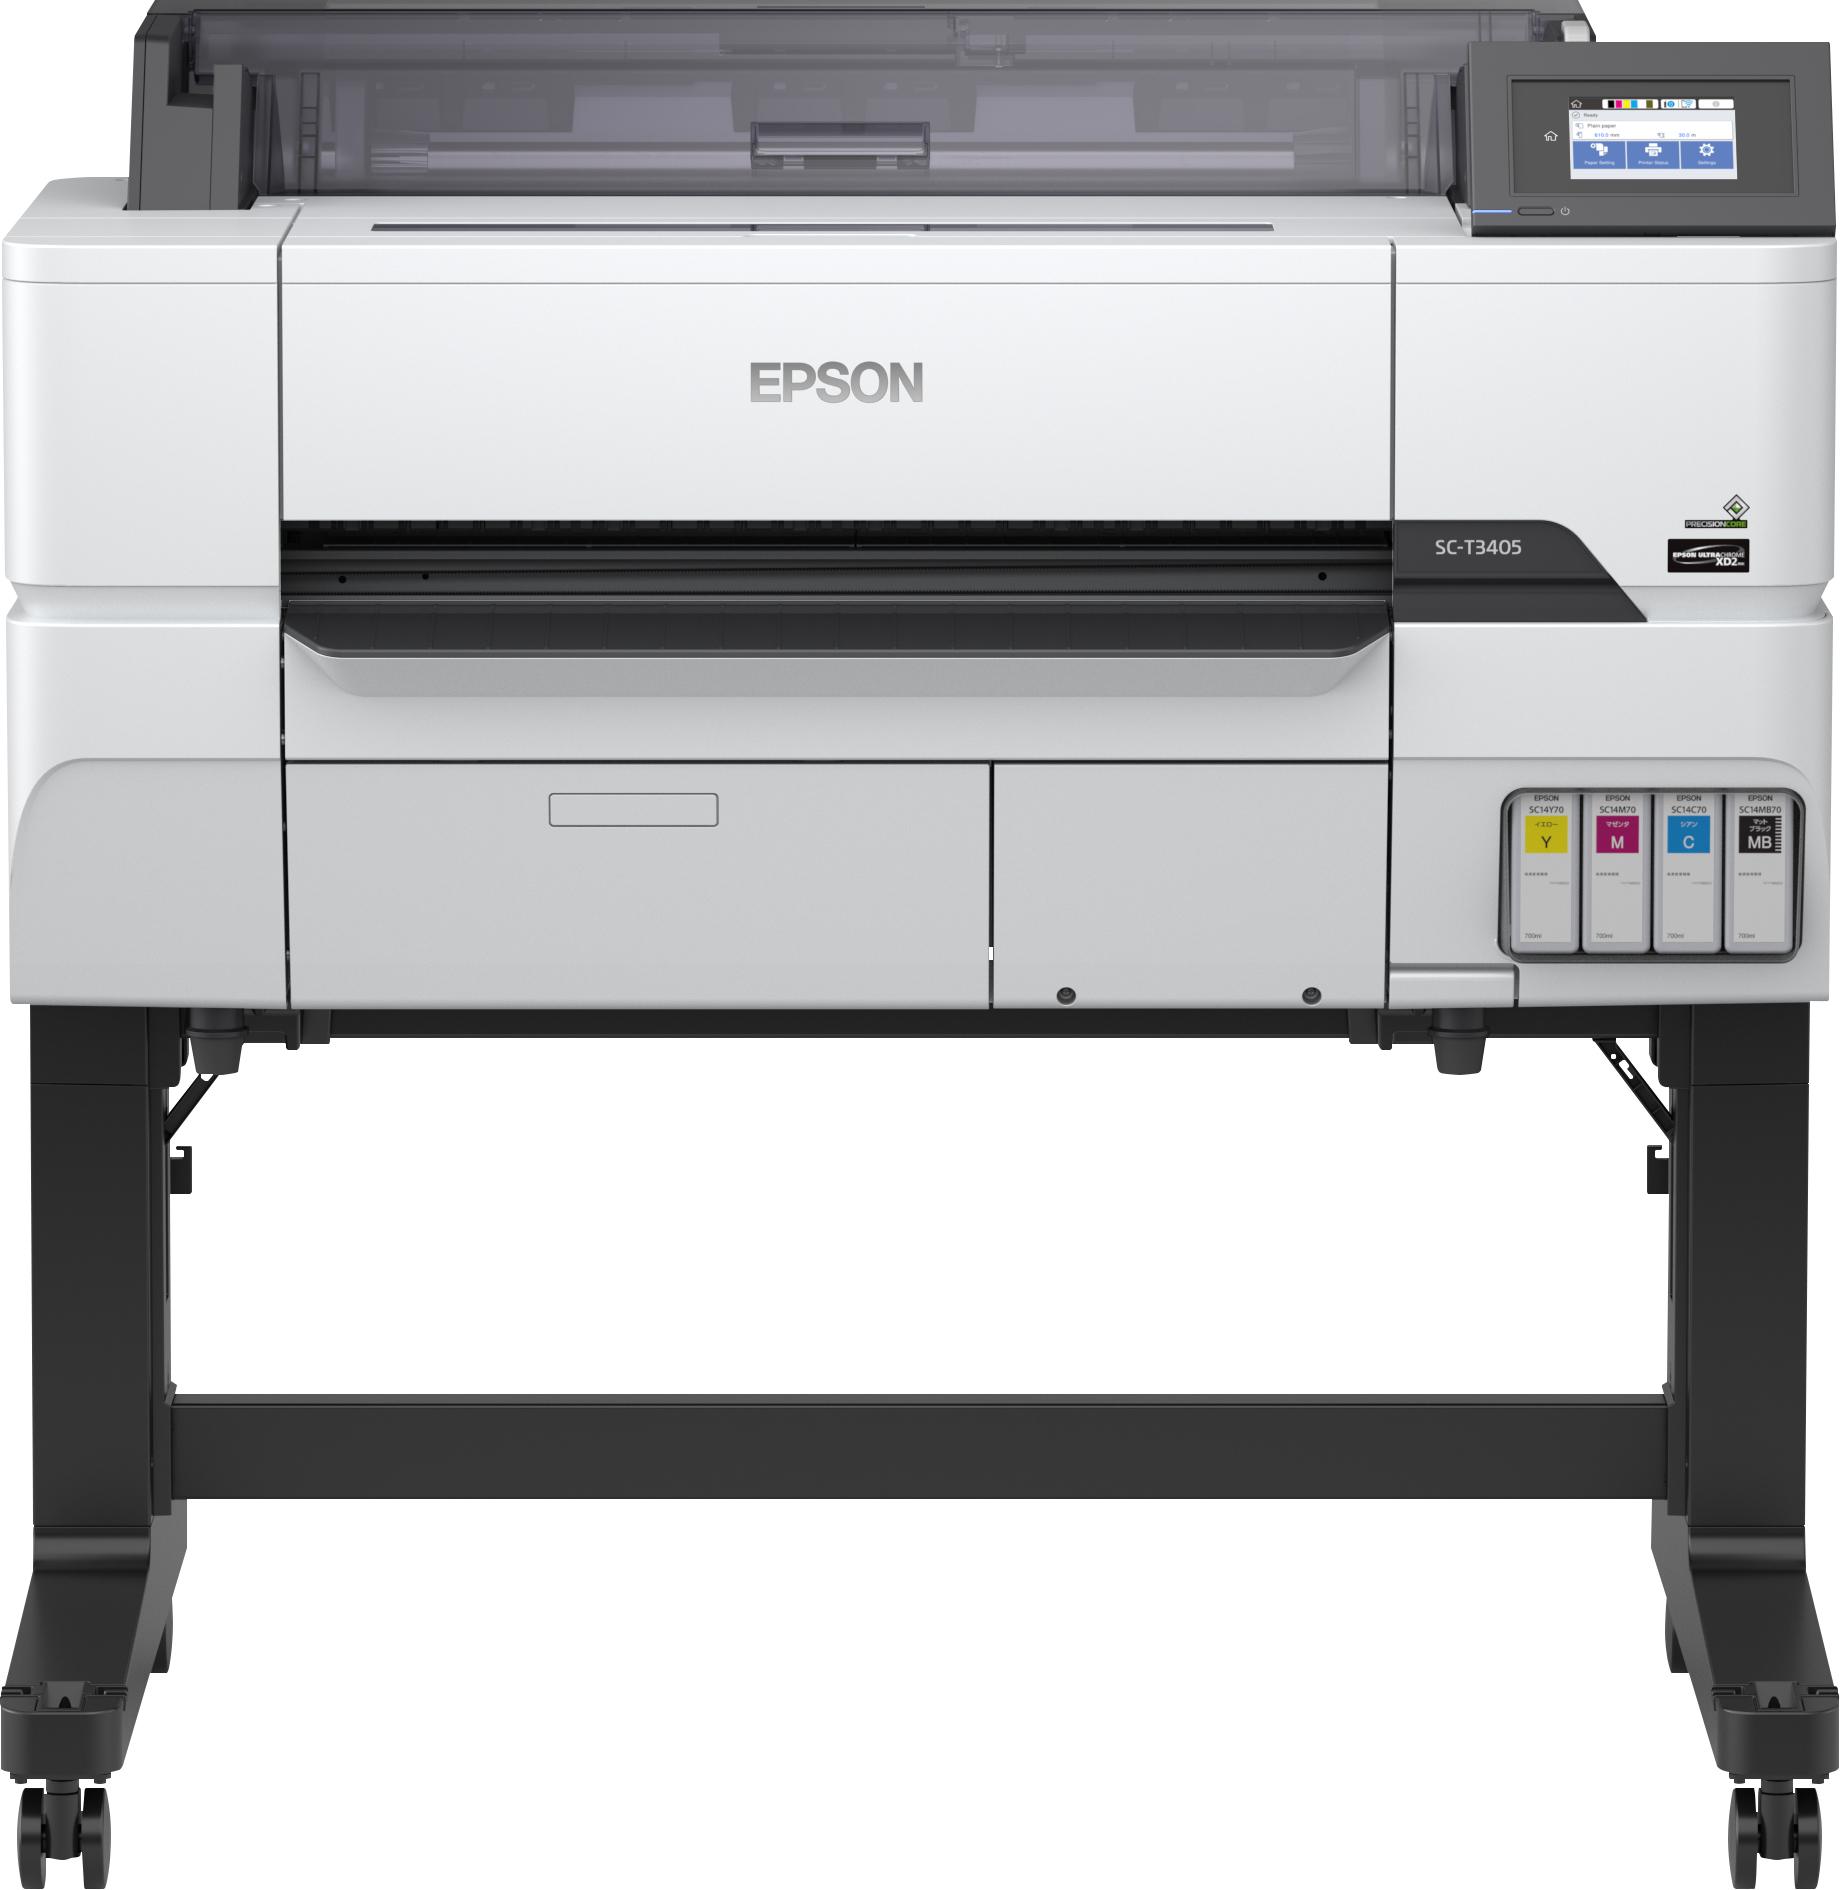 EPSON - SureColor SC-T3405 - preço válido p/ unid faturadas até 30 de setembro ou fim de stock